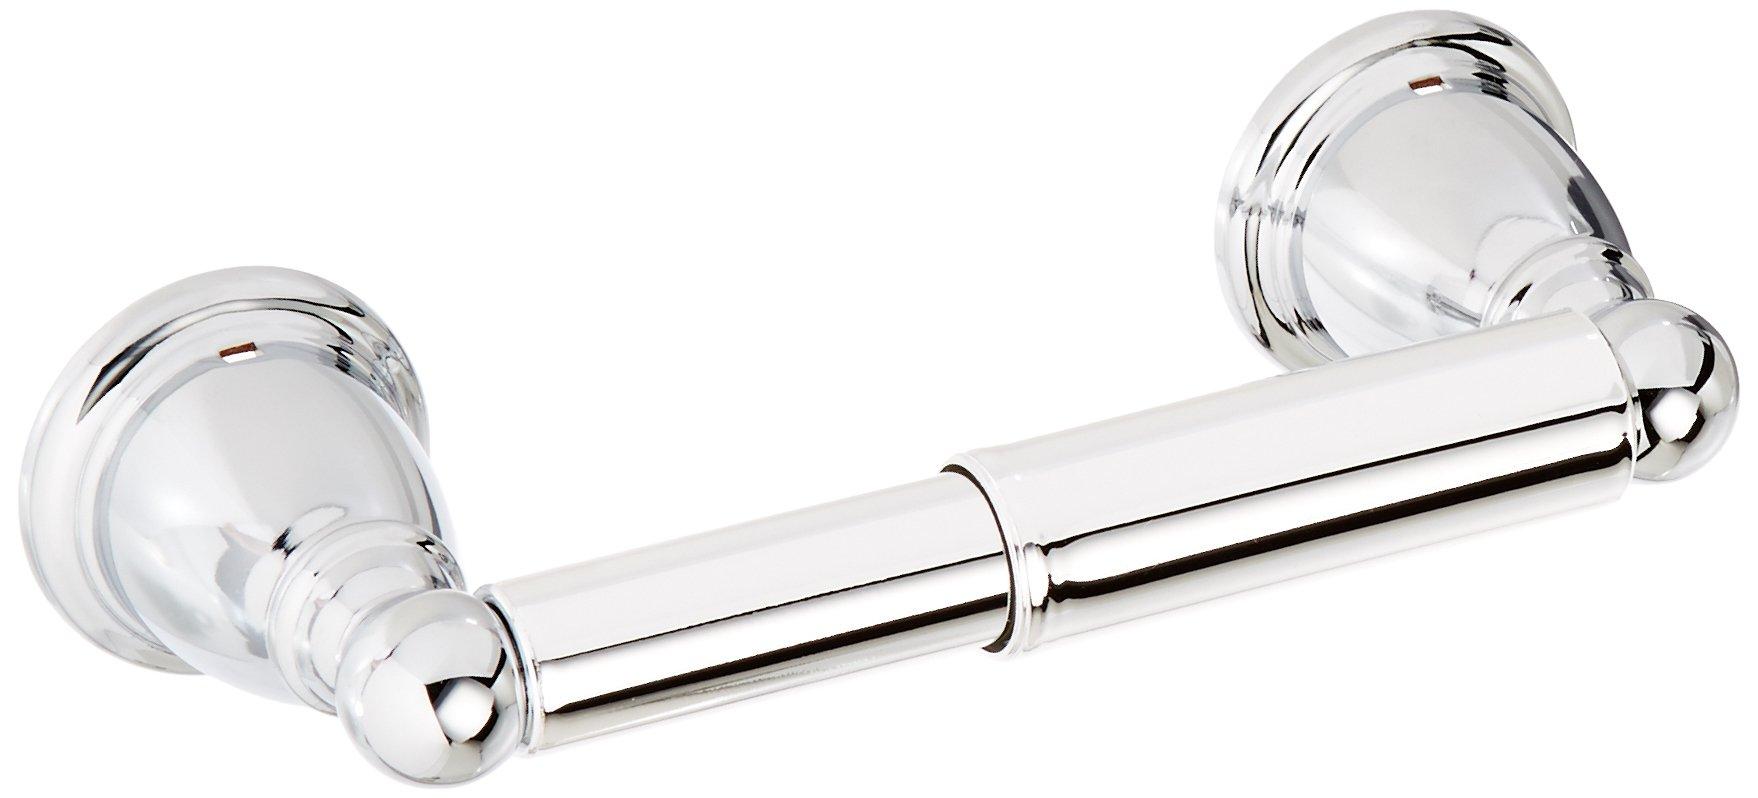 Moen YB2208CH Brantford Double Post Spring-Loaded Toilet Paper Holder, Chrome